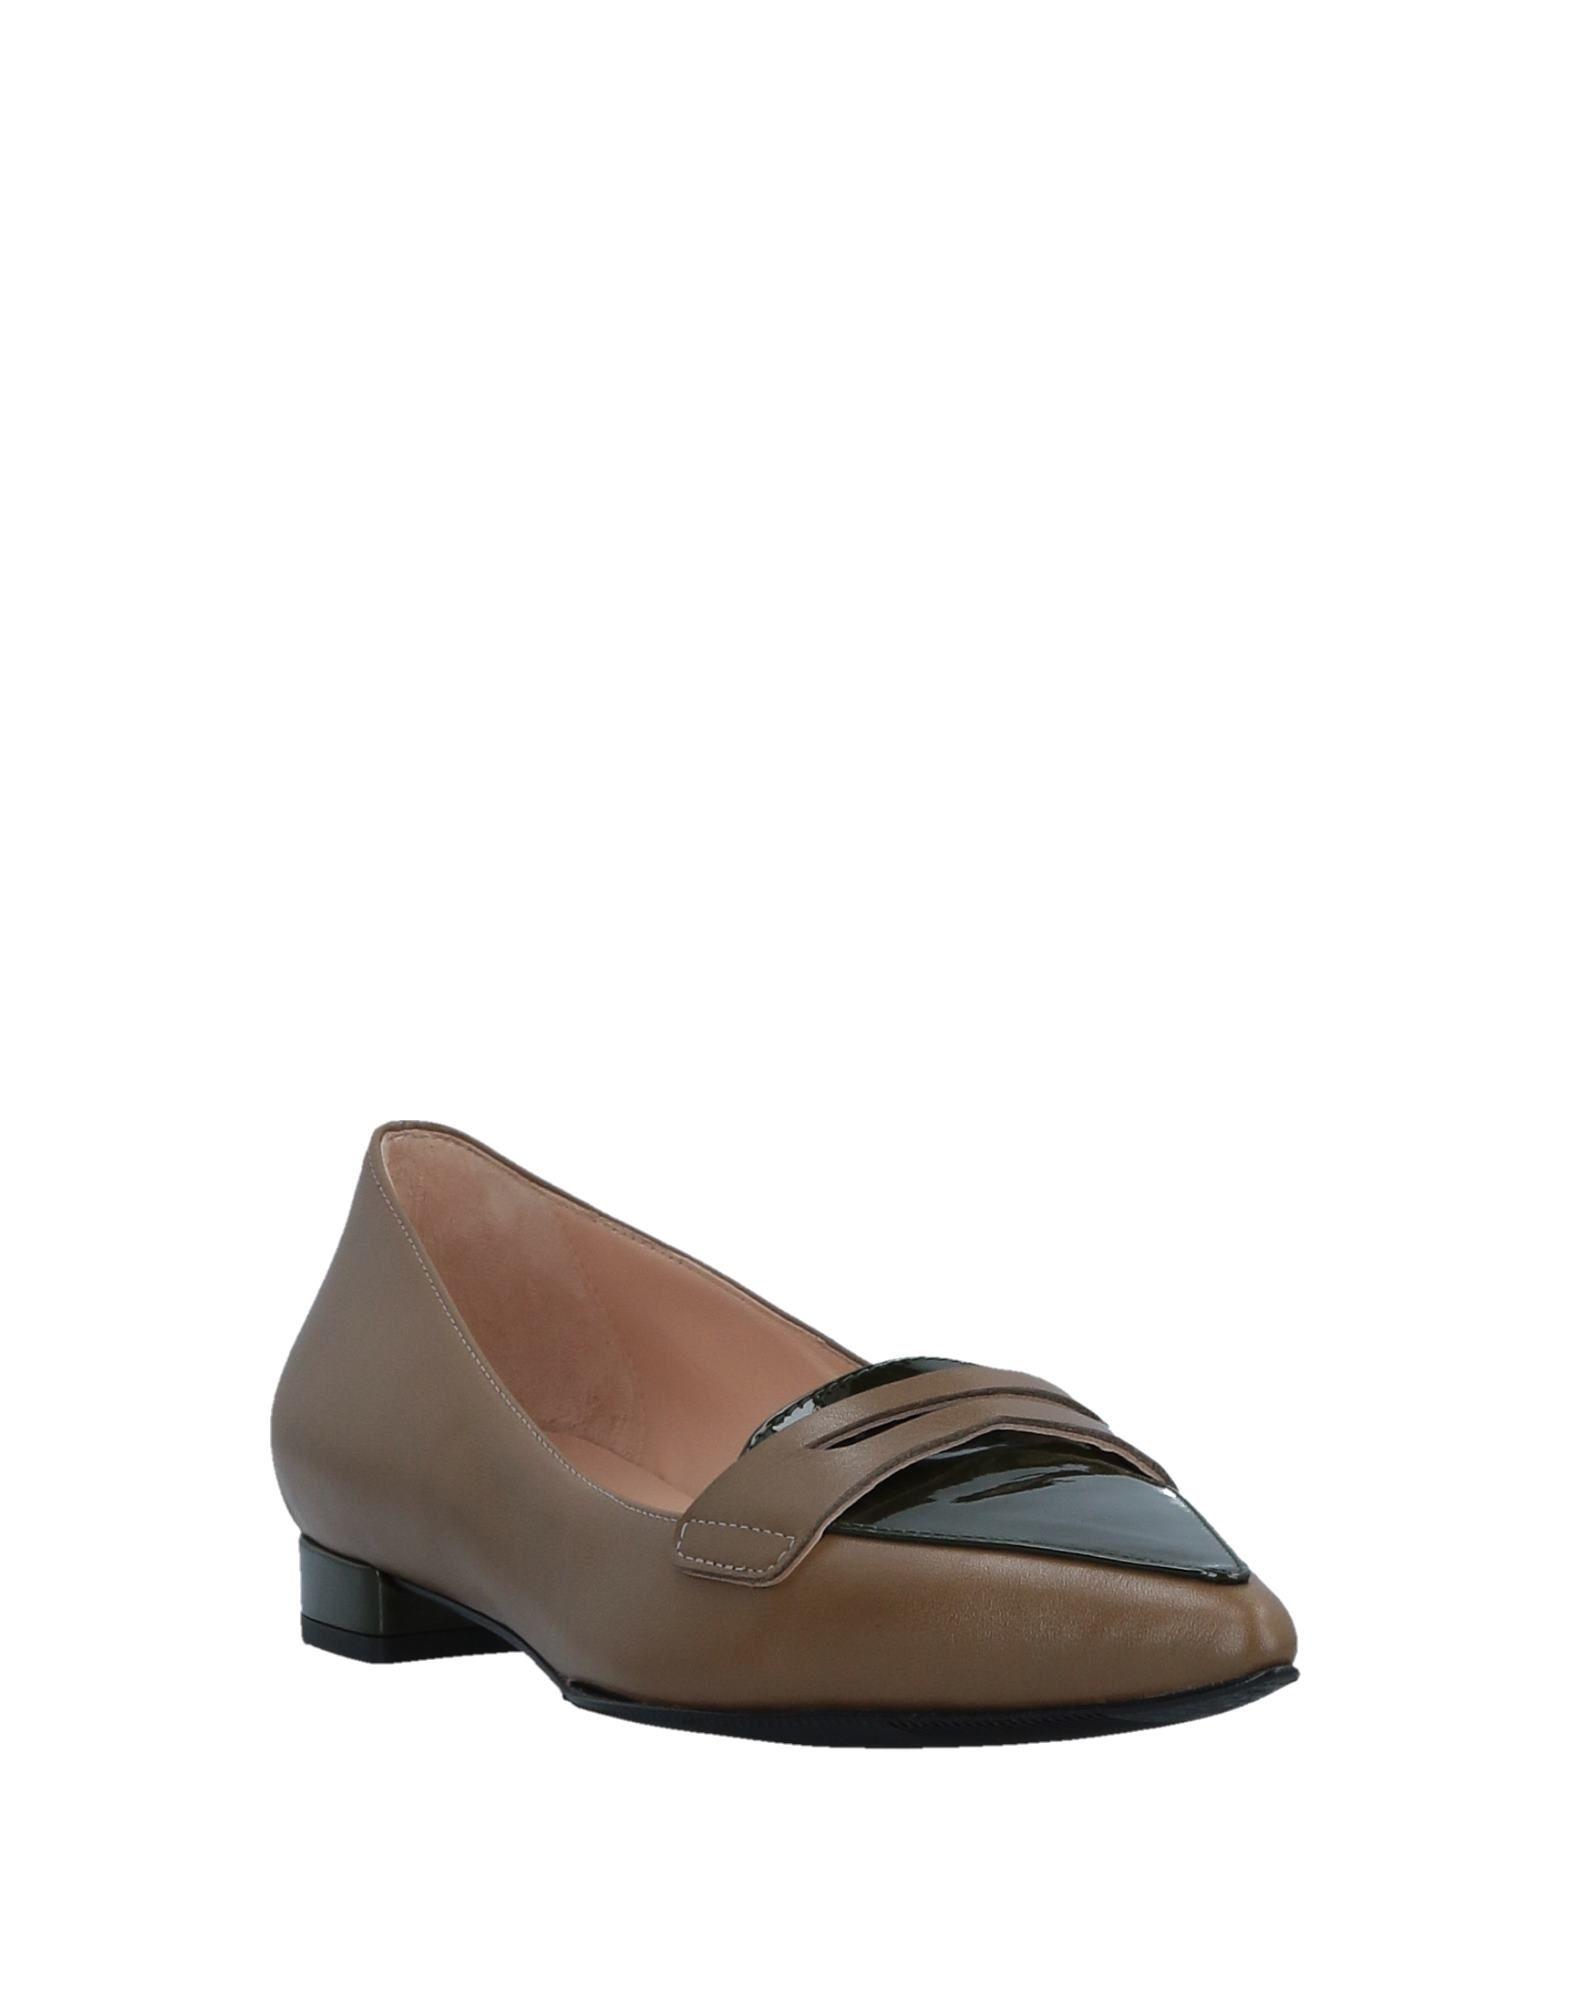 F.Lli Bruglia Mokassins Damen Schuhe  11520688EMGut aussehende strapazierfähige Schuhe Damen b840e3